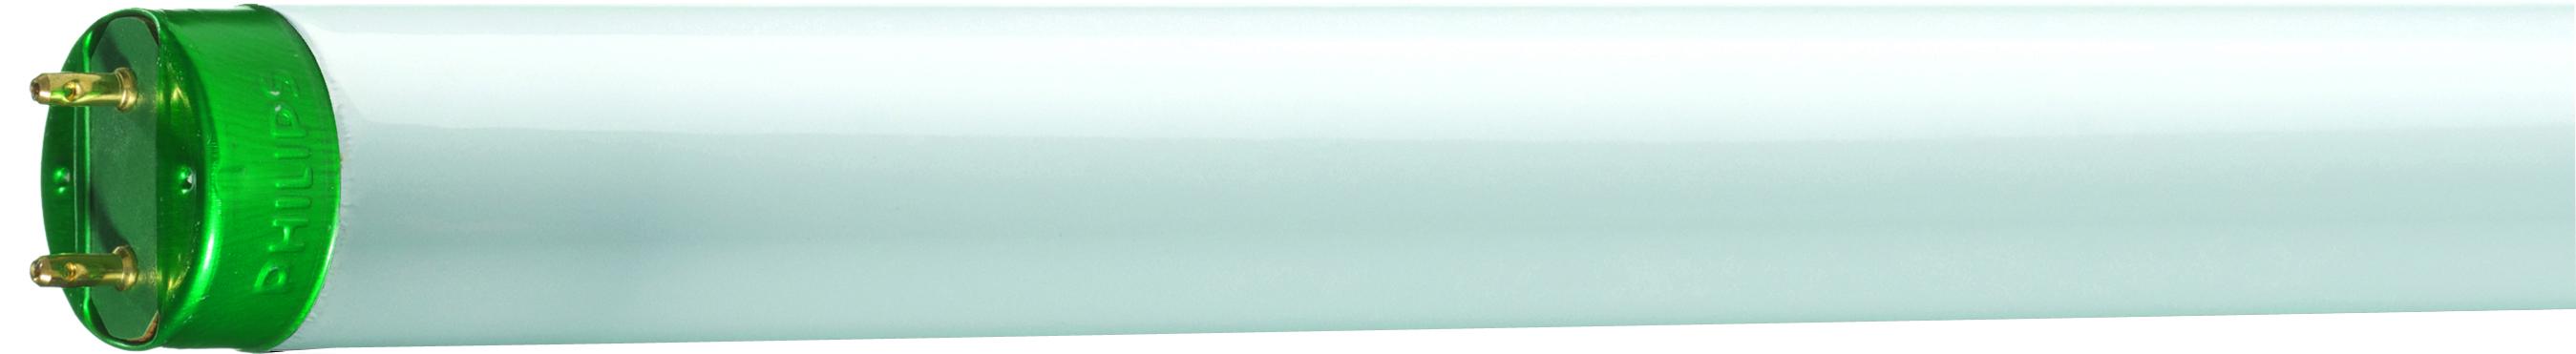 1 Stk TL-D Master Eco 16W 865 Tageslicht LI82687164